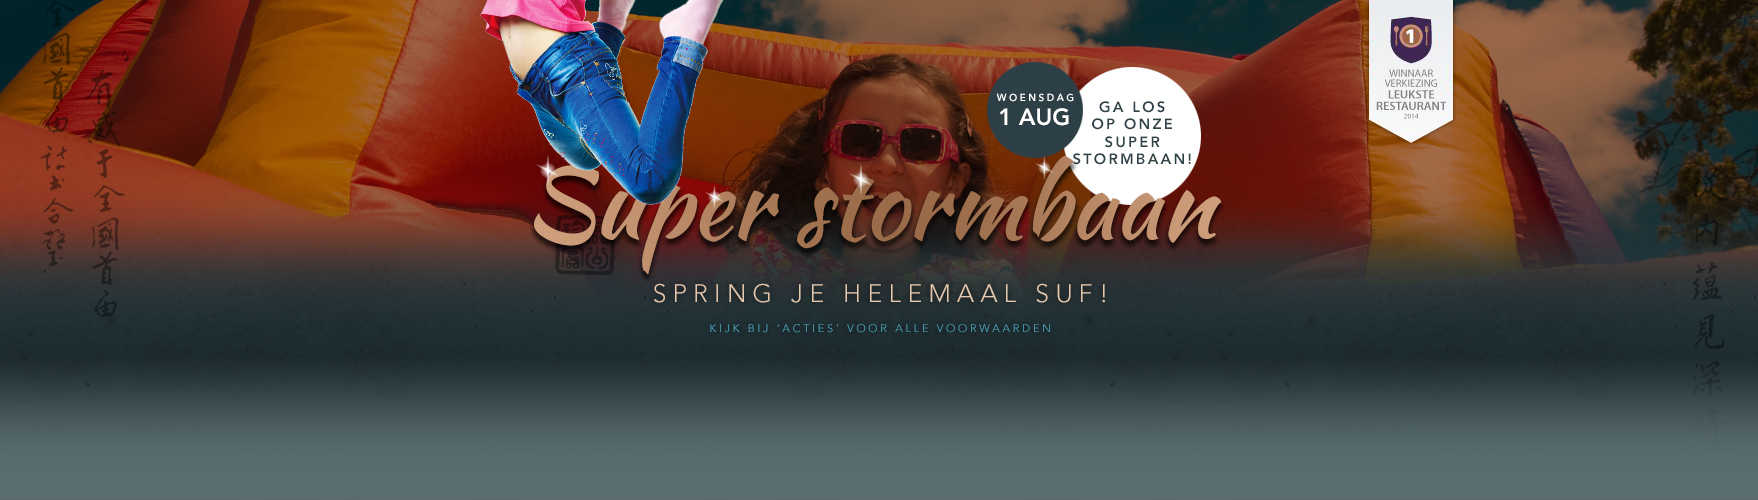 EP-Slider-Stormbaan